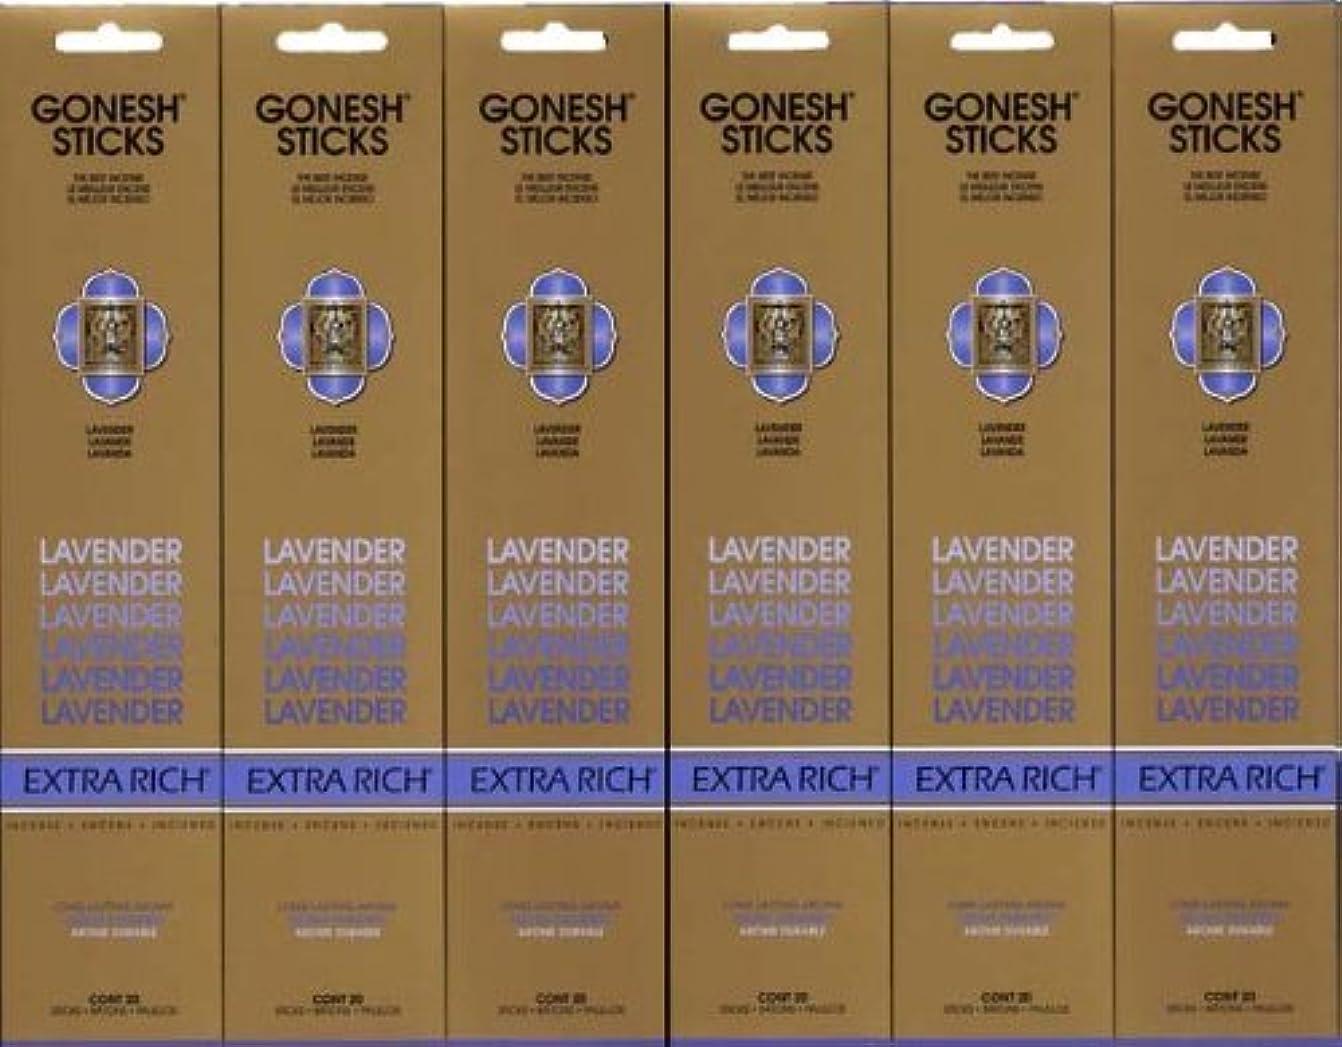 後弾丸大混乱GONESH LAVENDER ラベンダー スティック 20本入り X 6パック (120本)